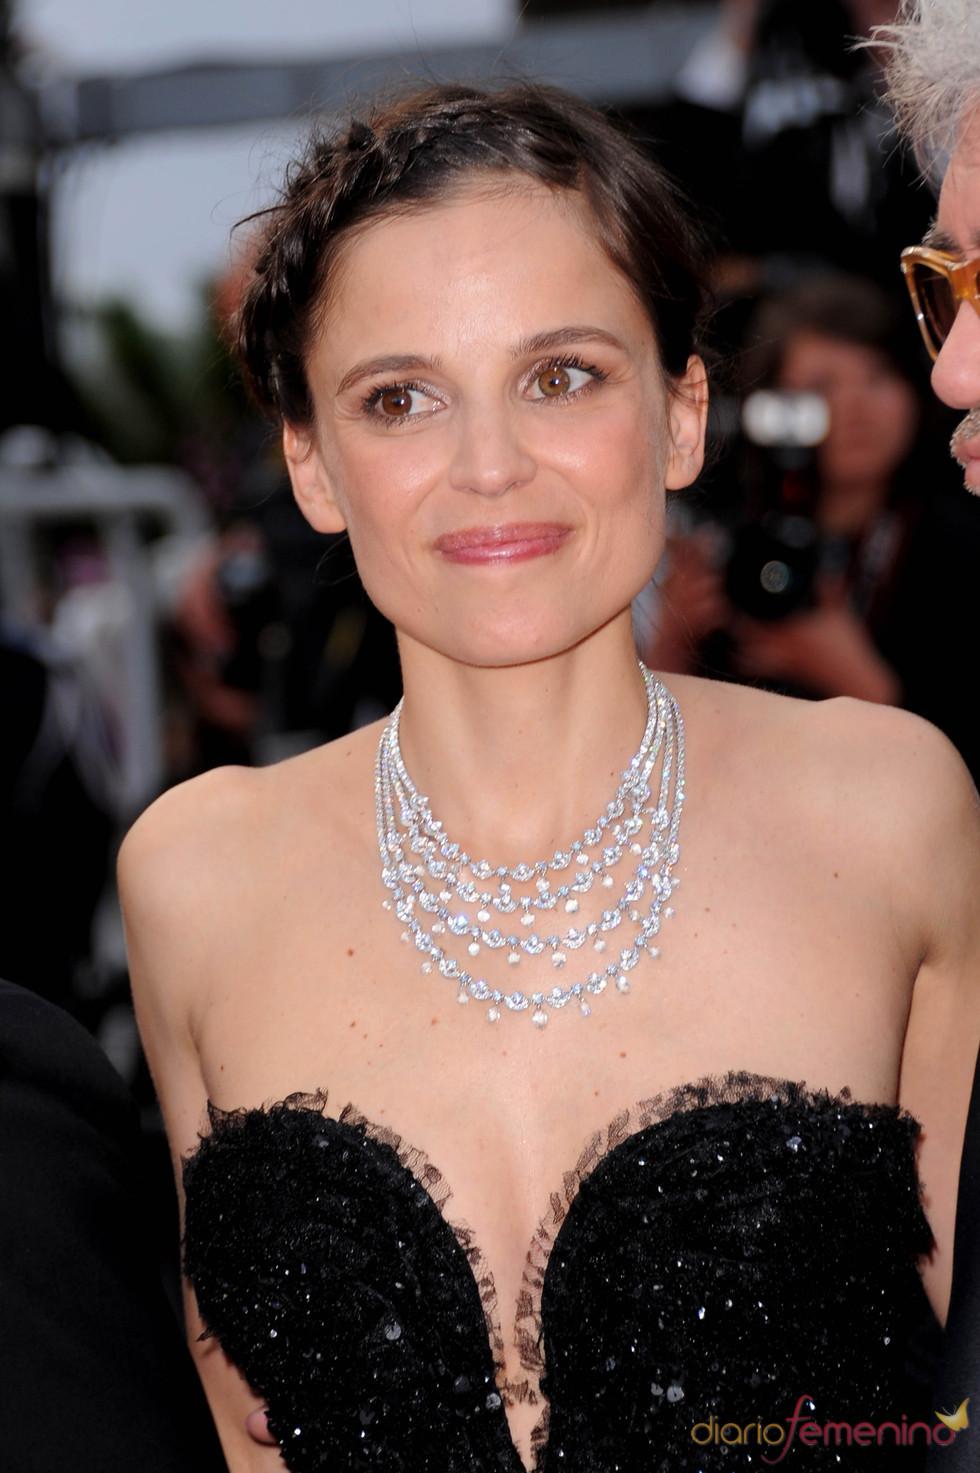 Elena Anaya en la presentación de 'La piel que habito' en Cannes 2011